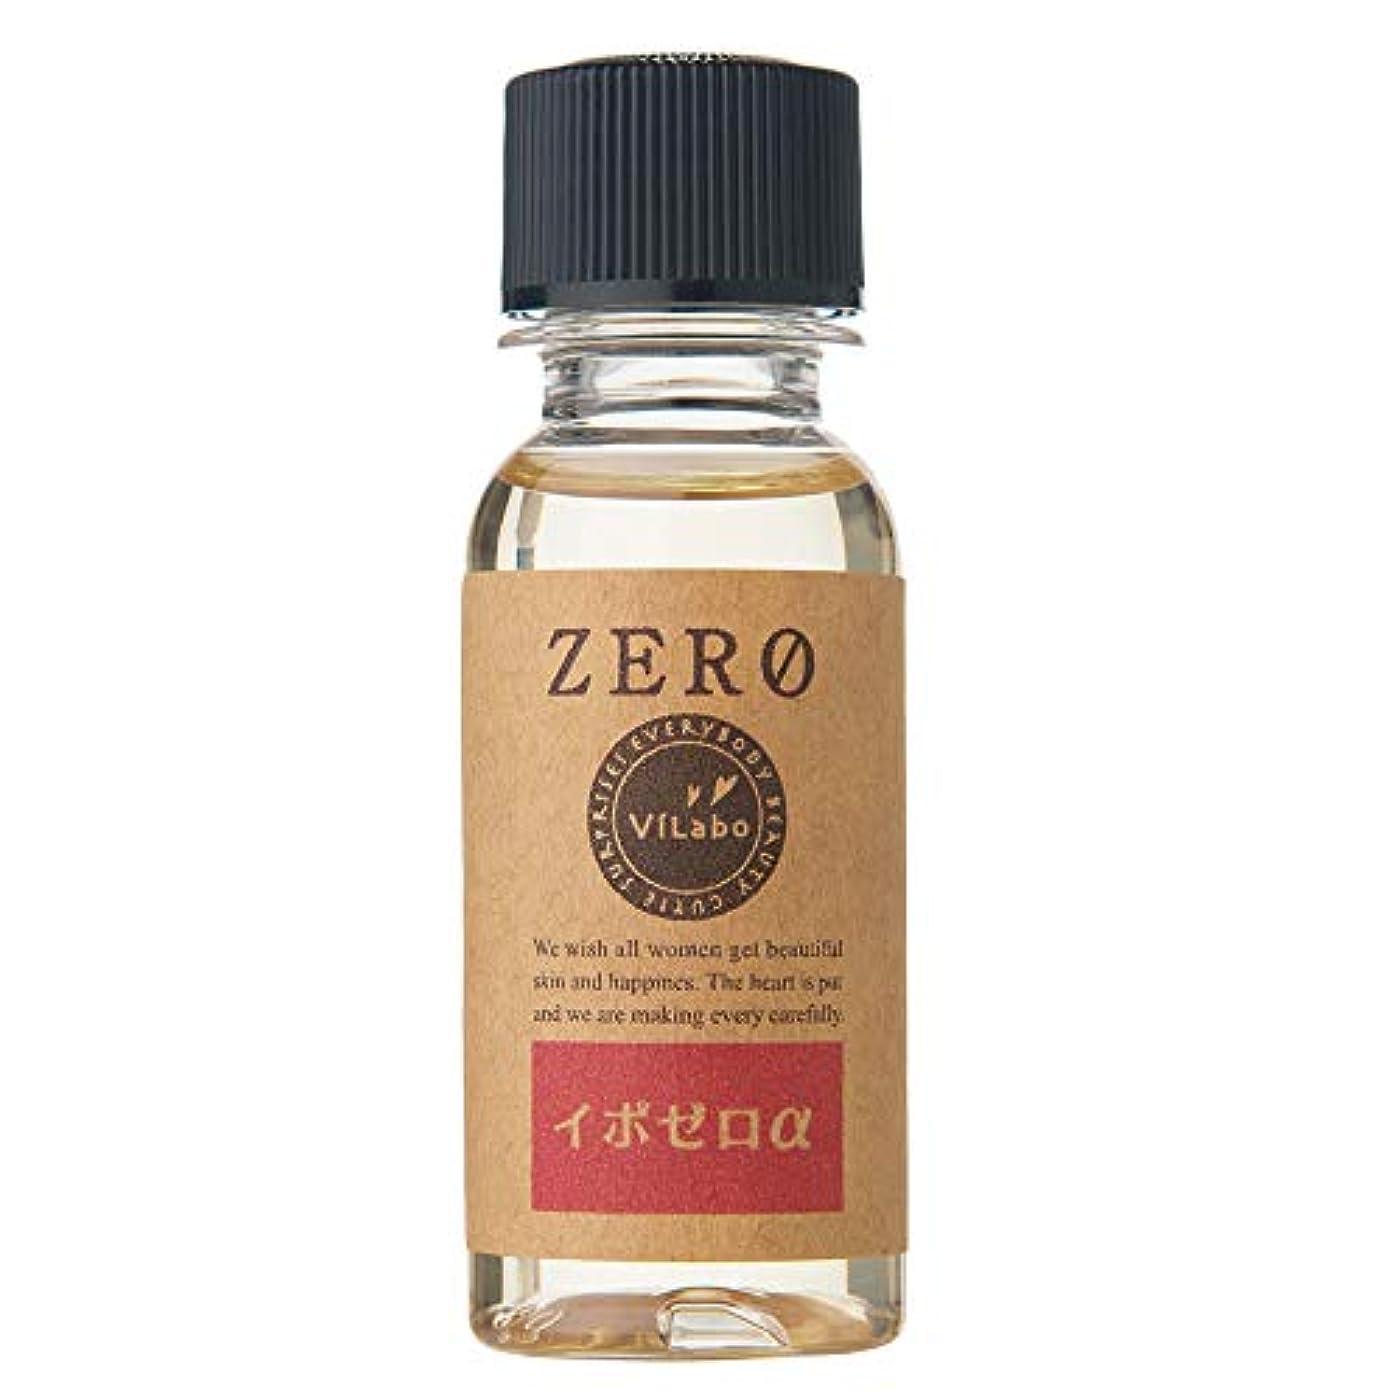 思慮のないびっくりするトラブルViLabo イポゼロα (販売名:エクストラA&H) 30ml ピーリング 先行美容液